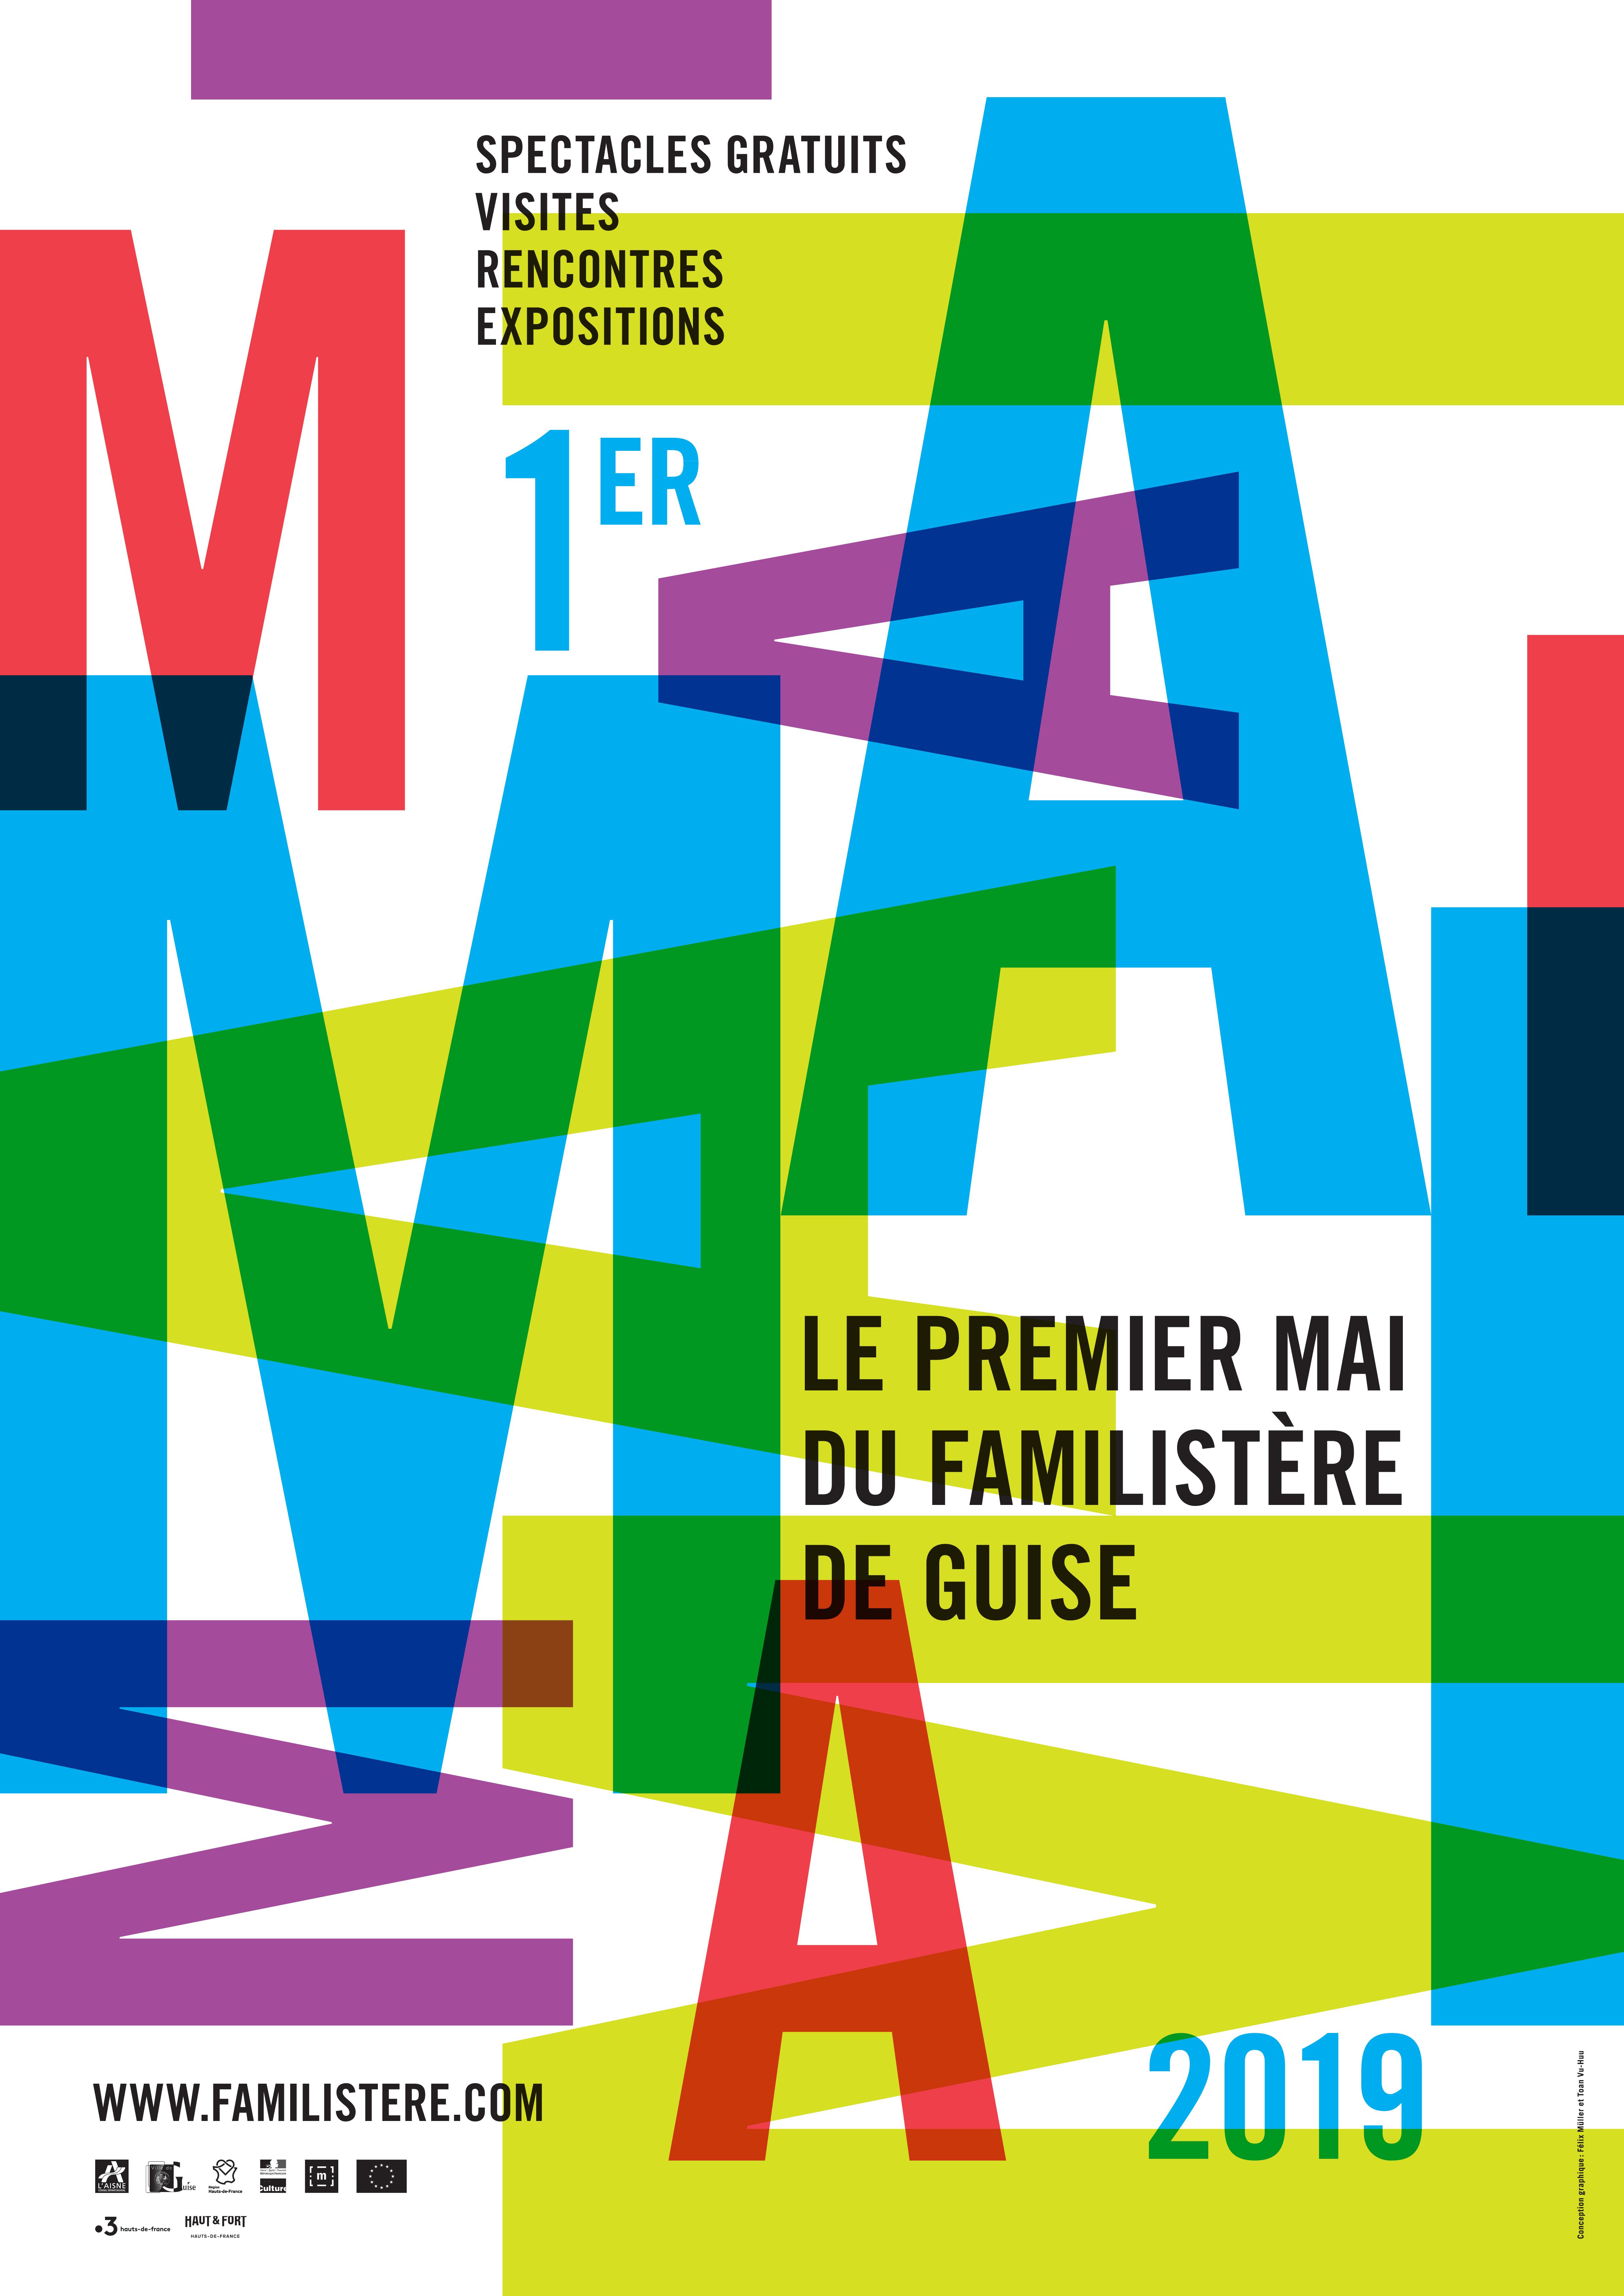 Premier Mai 2019 du Familistère : programme